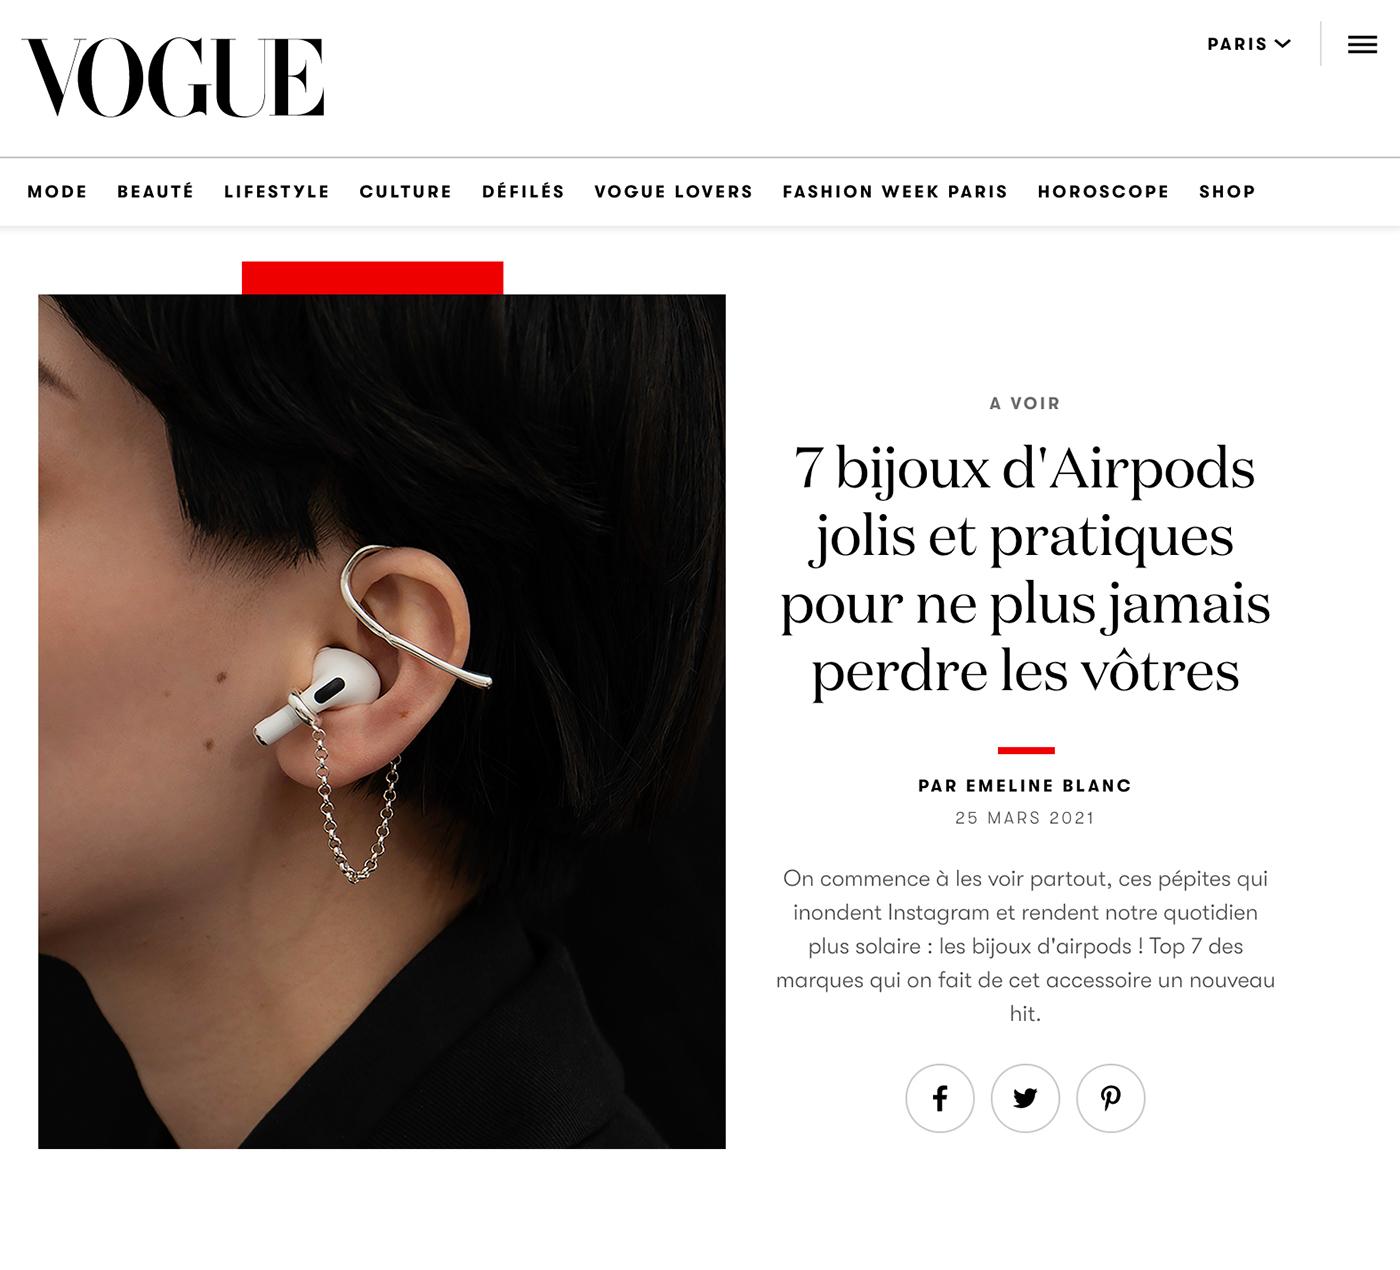 Vogue - 7 bijoux d'Airpods jolis et pratiques pour ne plus jamais perdre les vôtres par Emeline Blanc